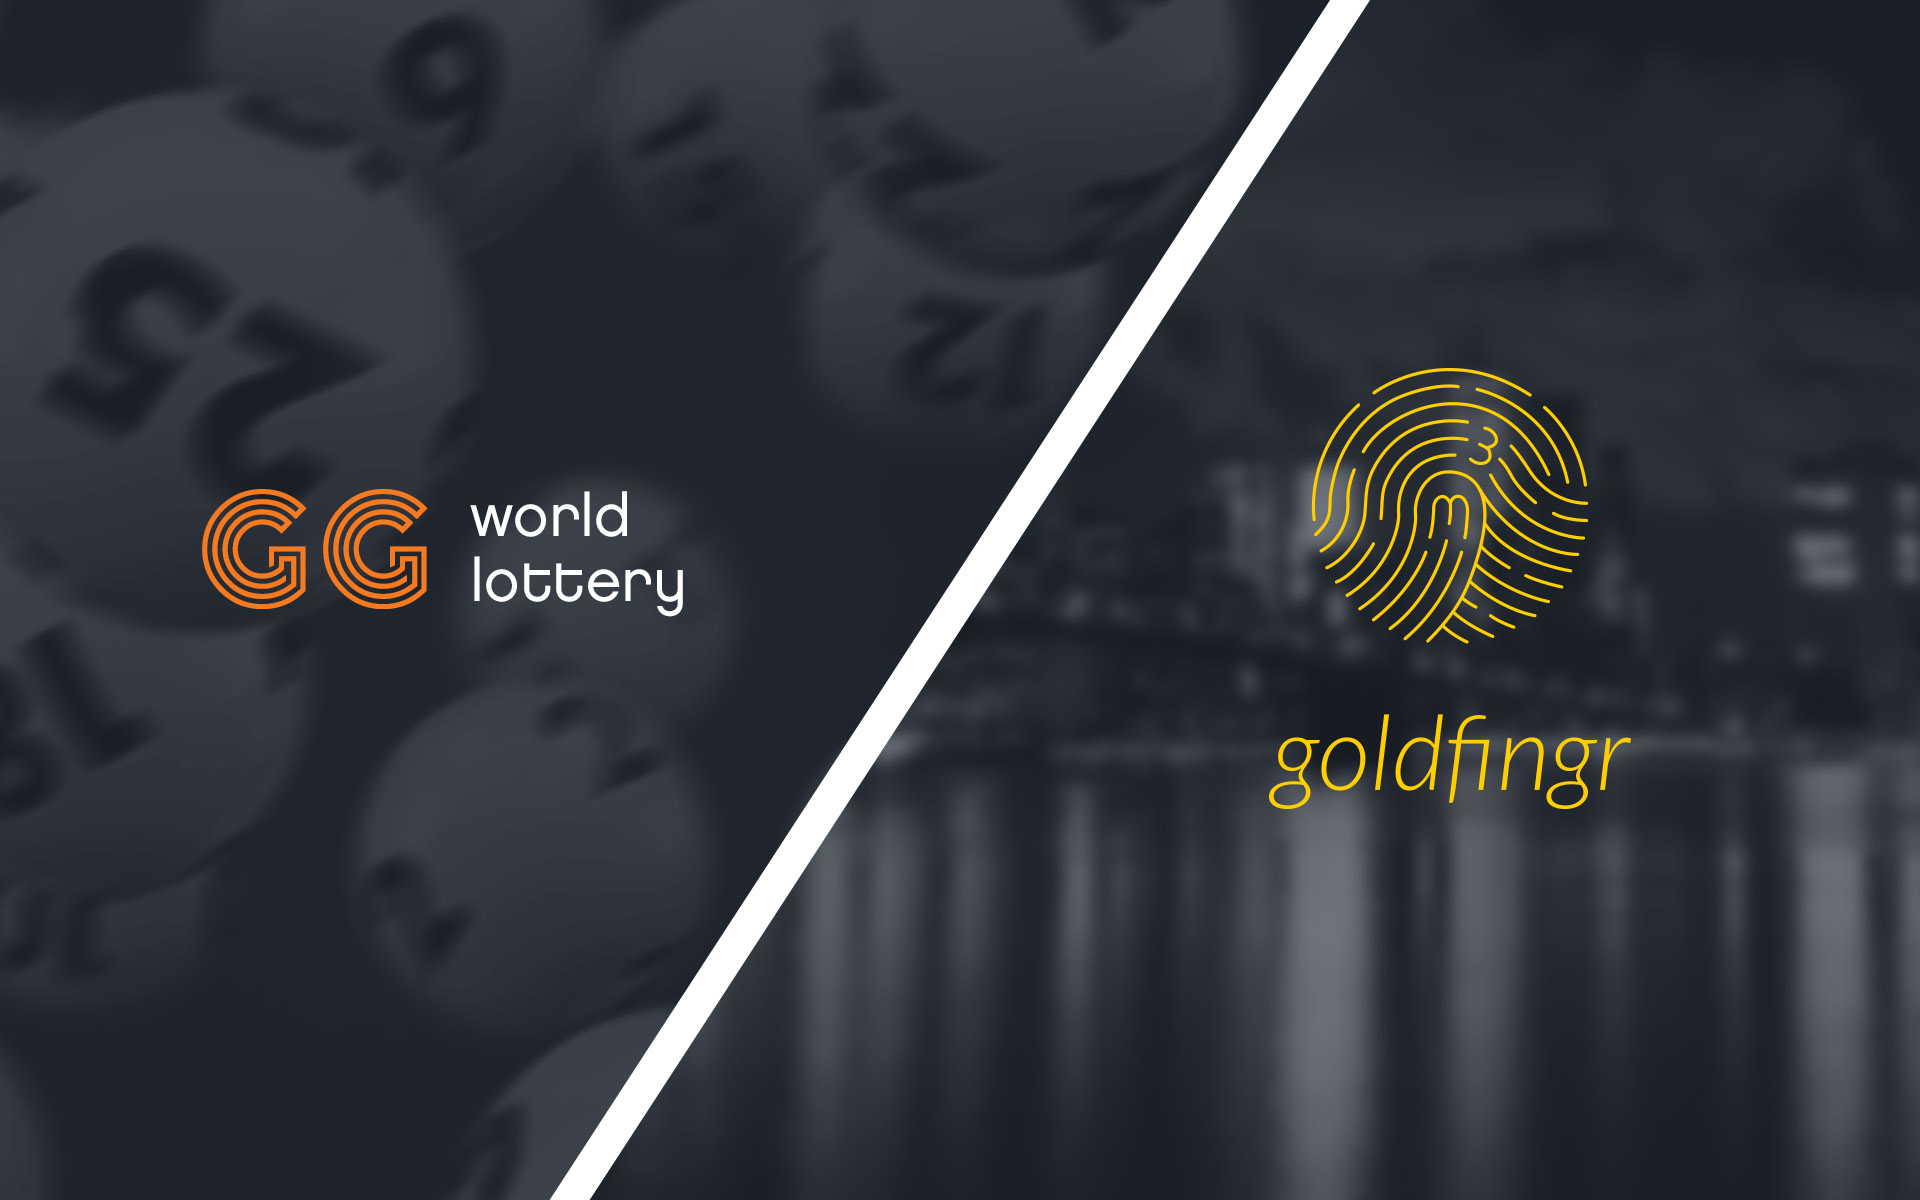 Goldfingr